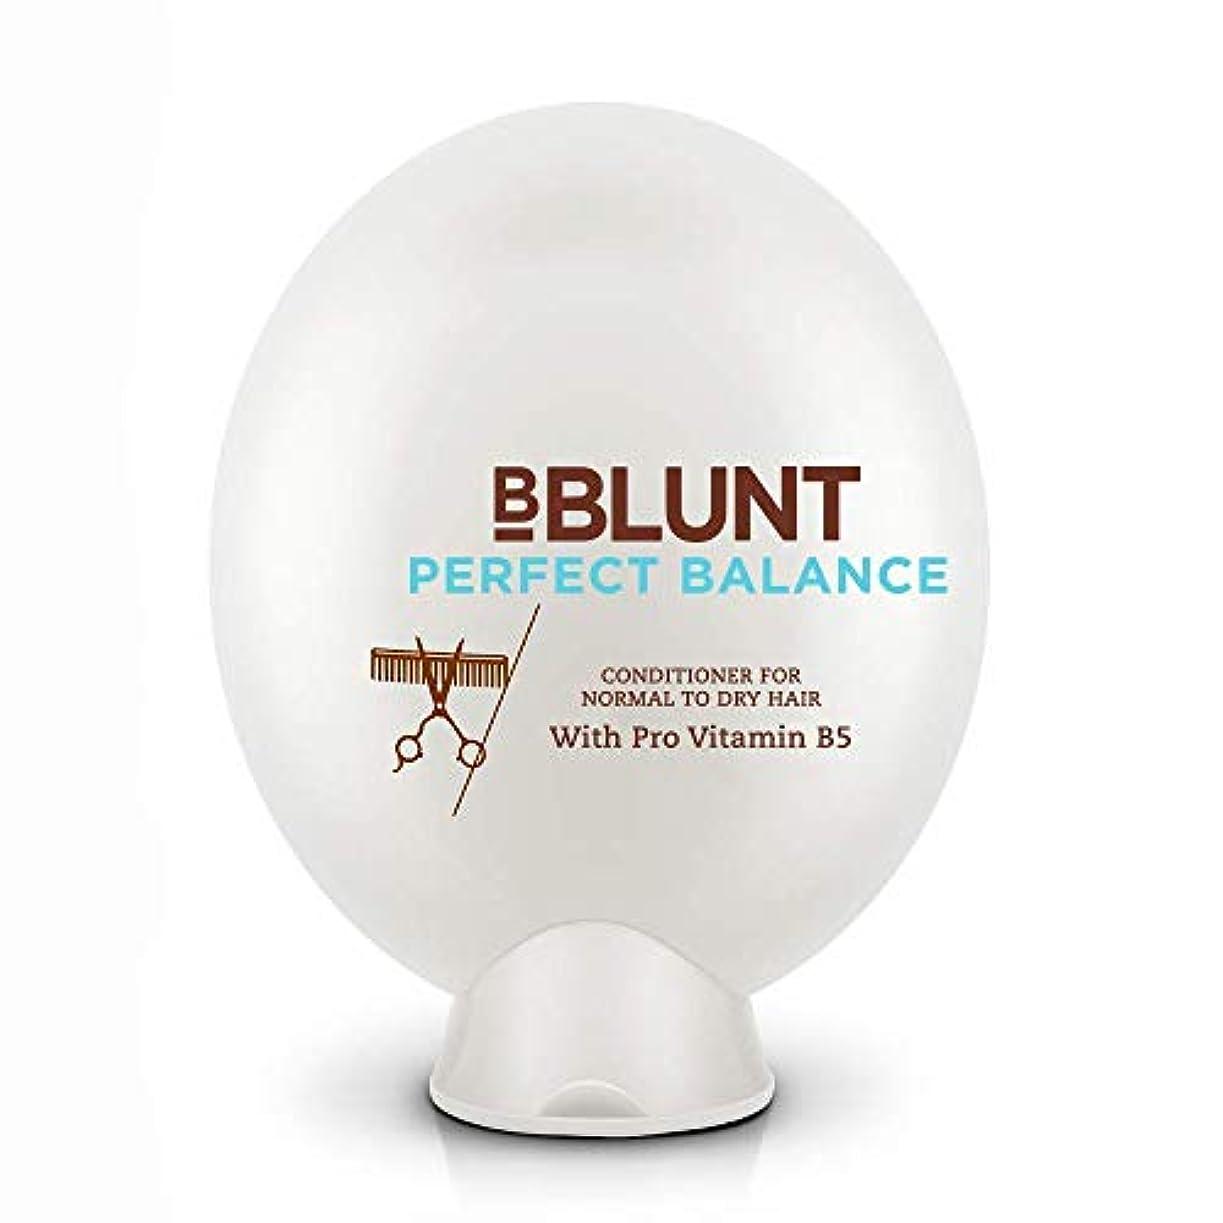 ほとんどの場合ロック解除ギャップBBLUNT Perfect Balance Conditioner for Normal To Dry Hair, 200g (Provitamin B5)